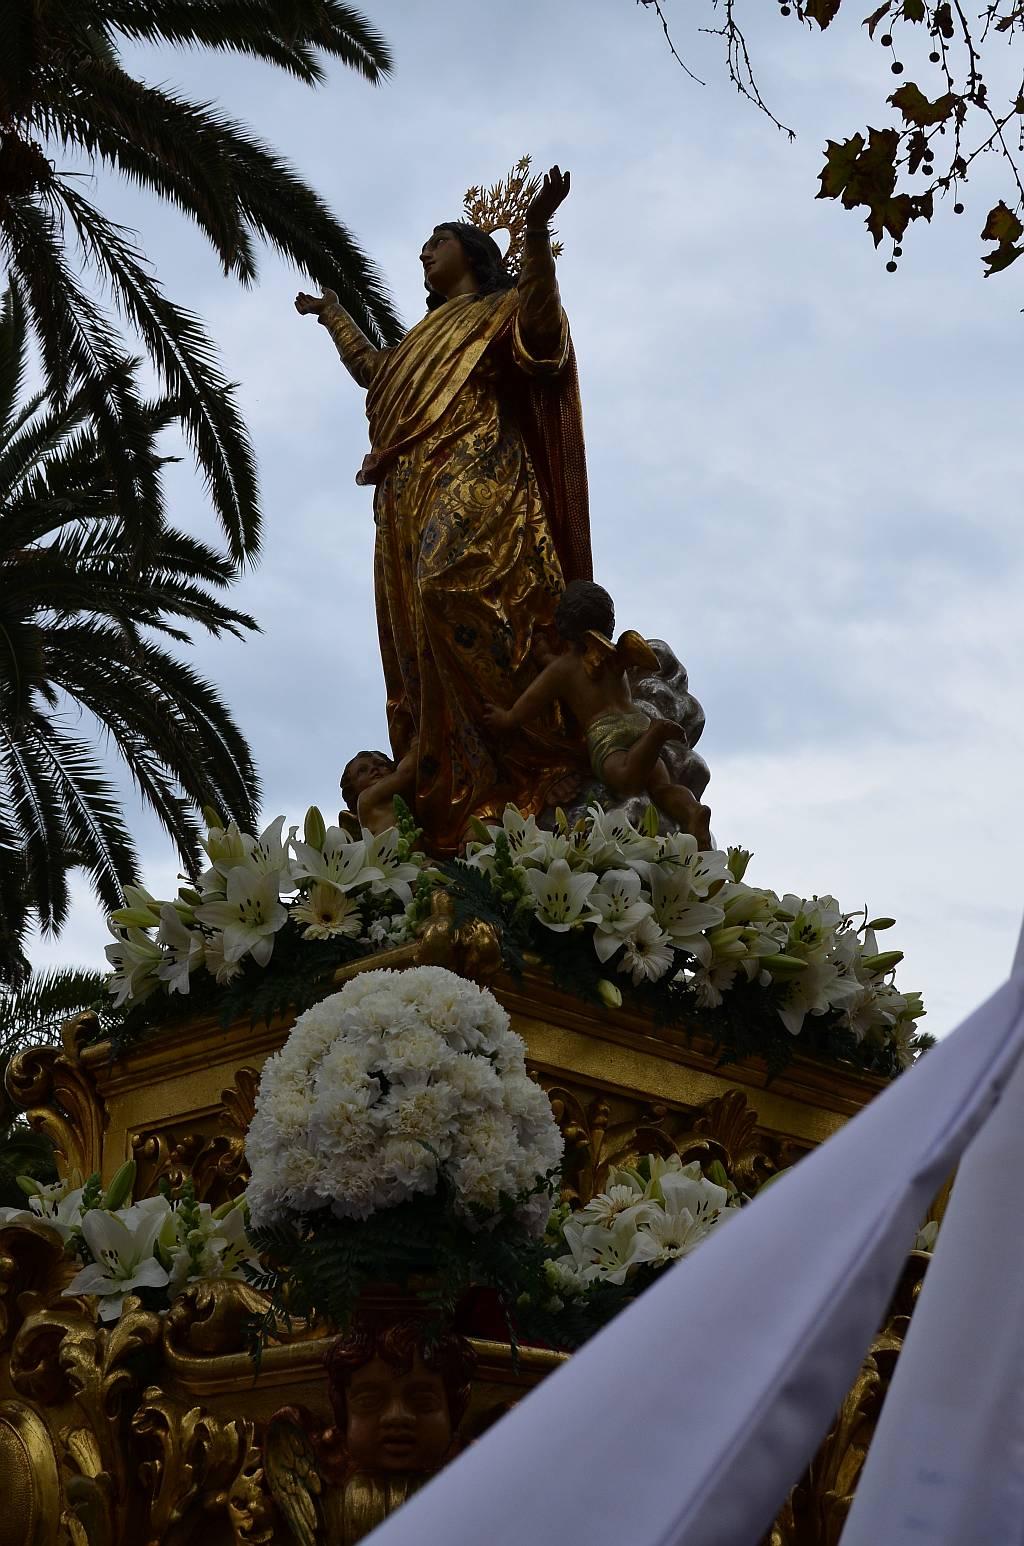 Domingo De Resurrecci 243 N 2013 Nerja Today